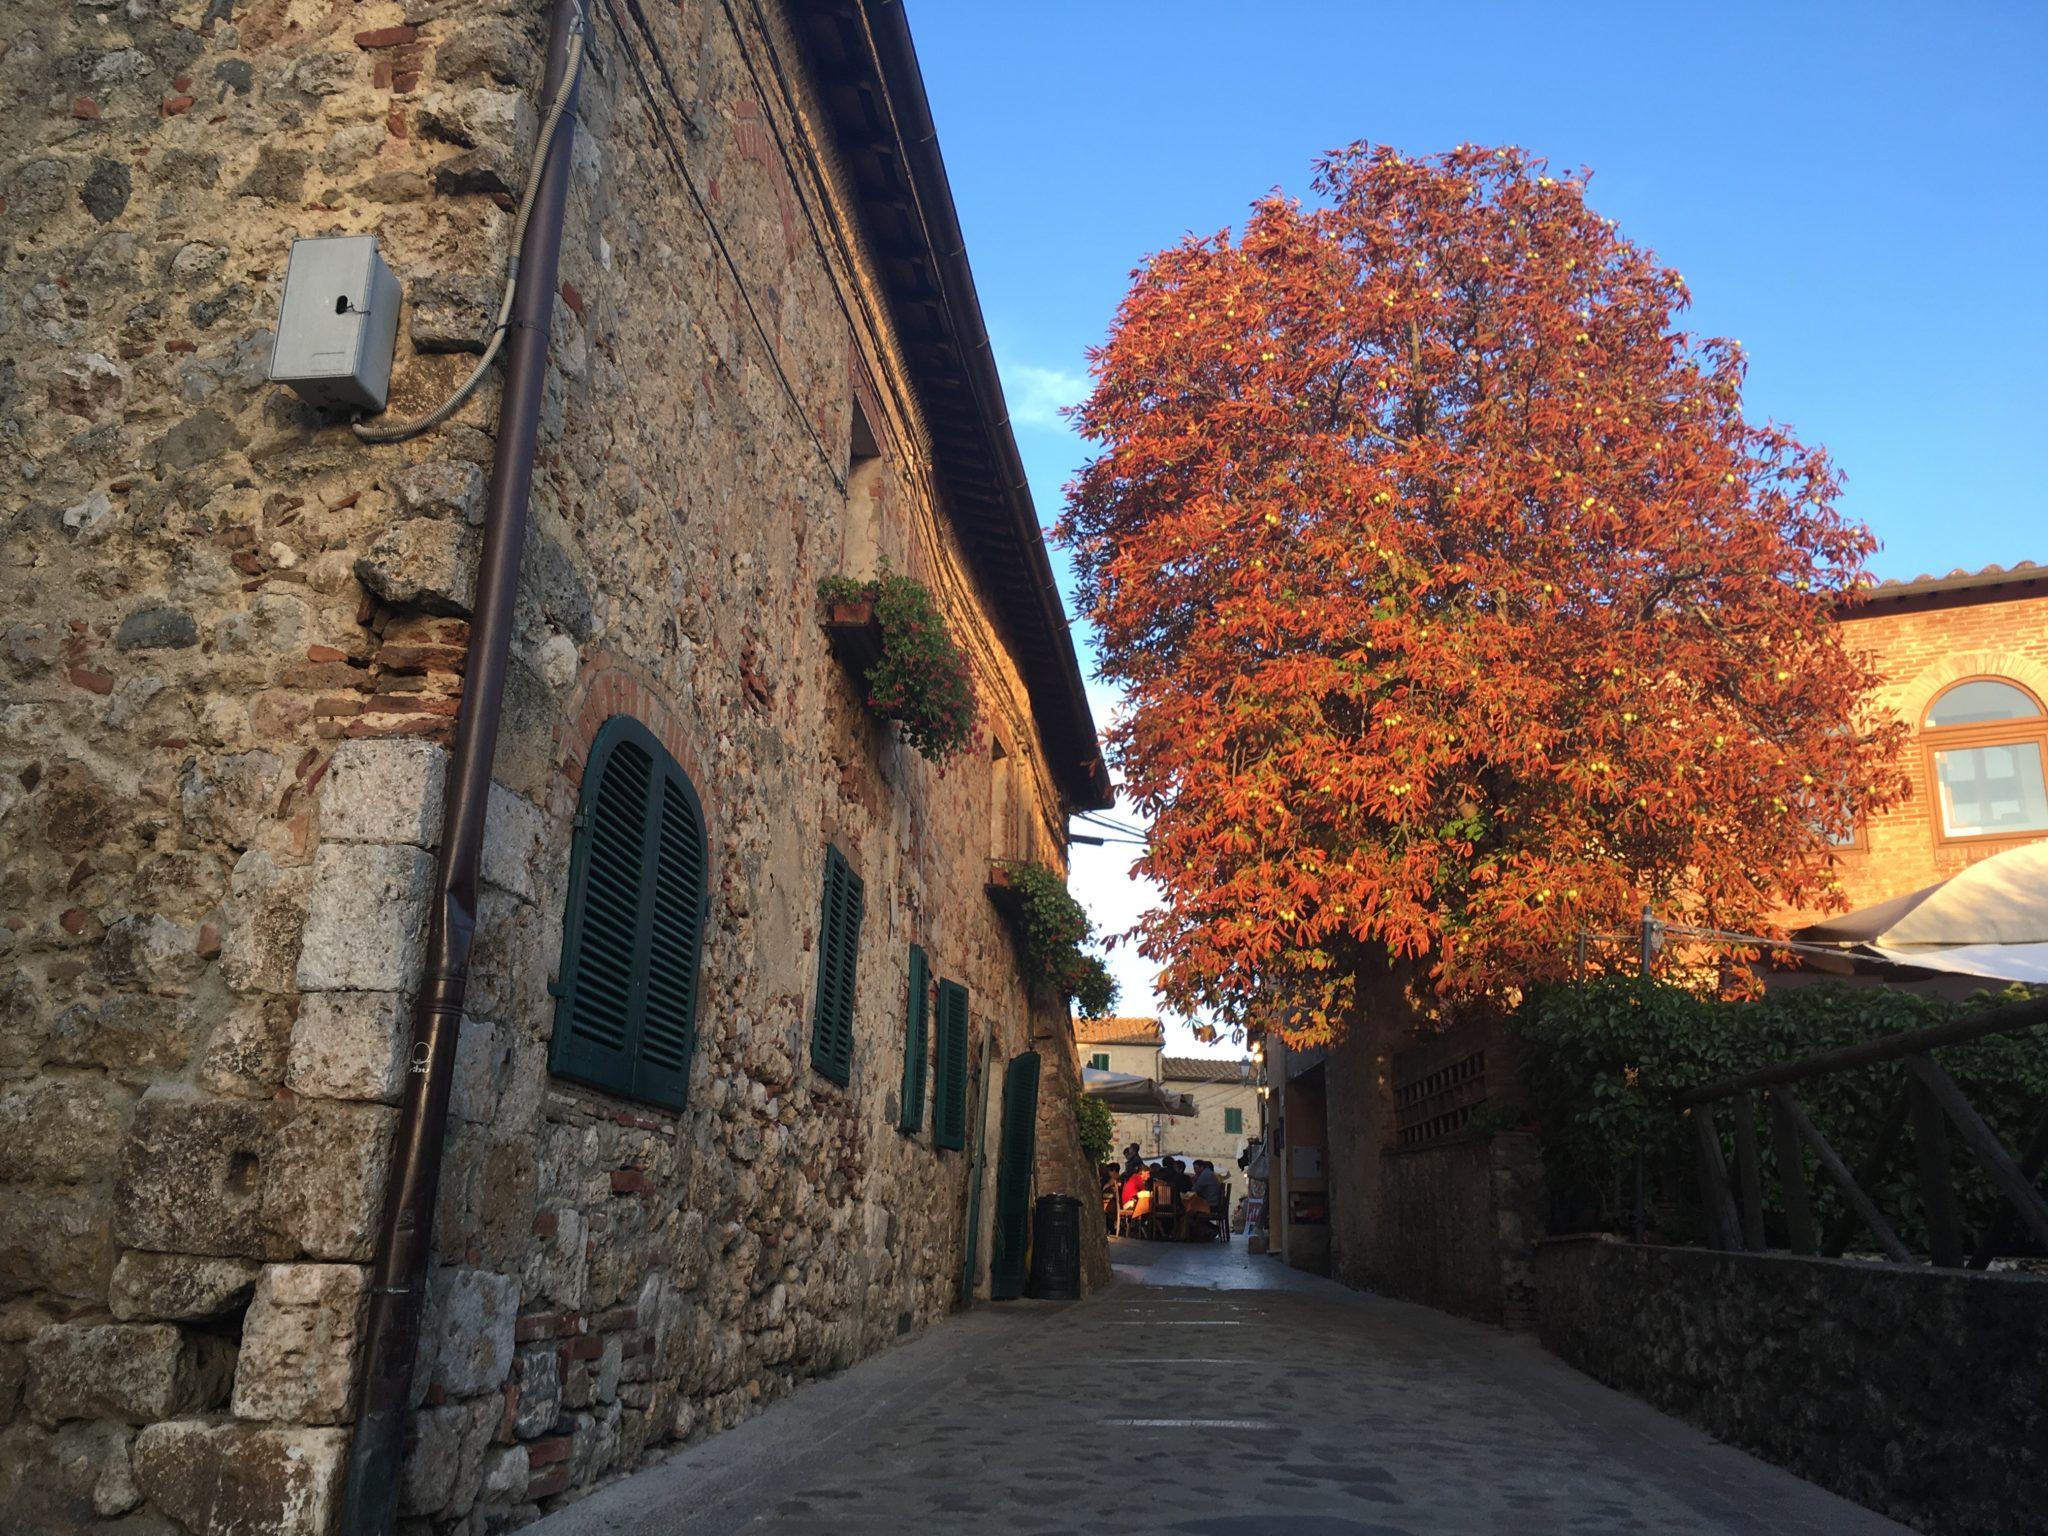 Monterrigioni